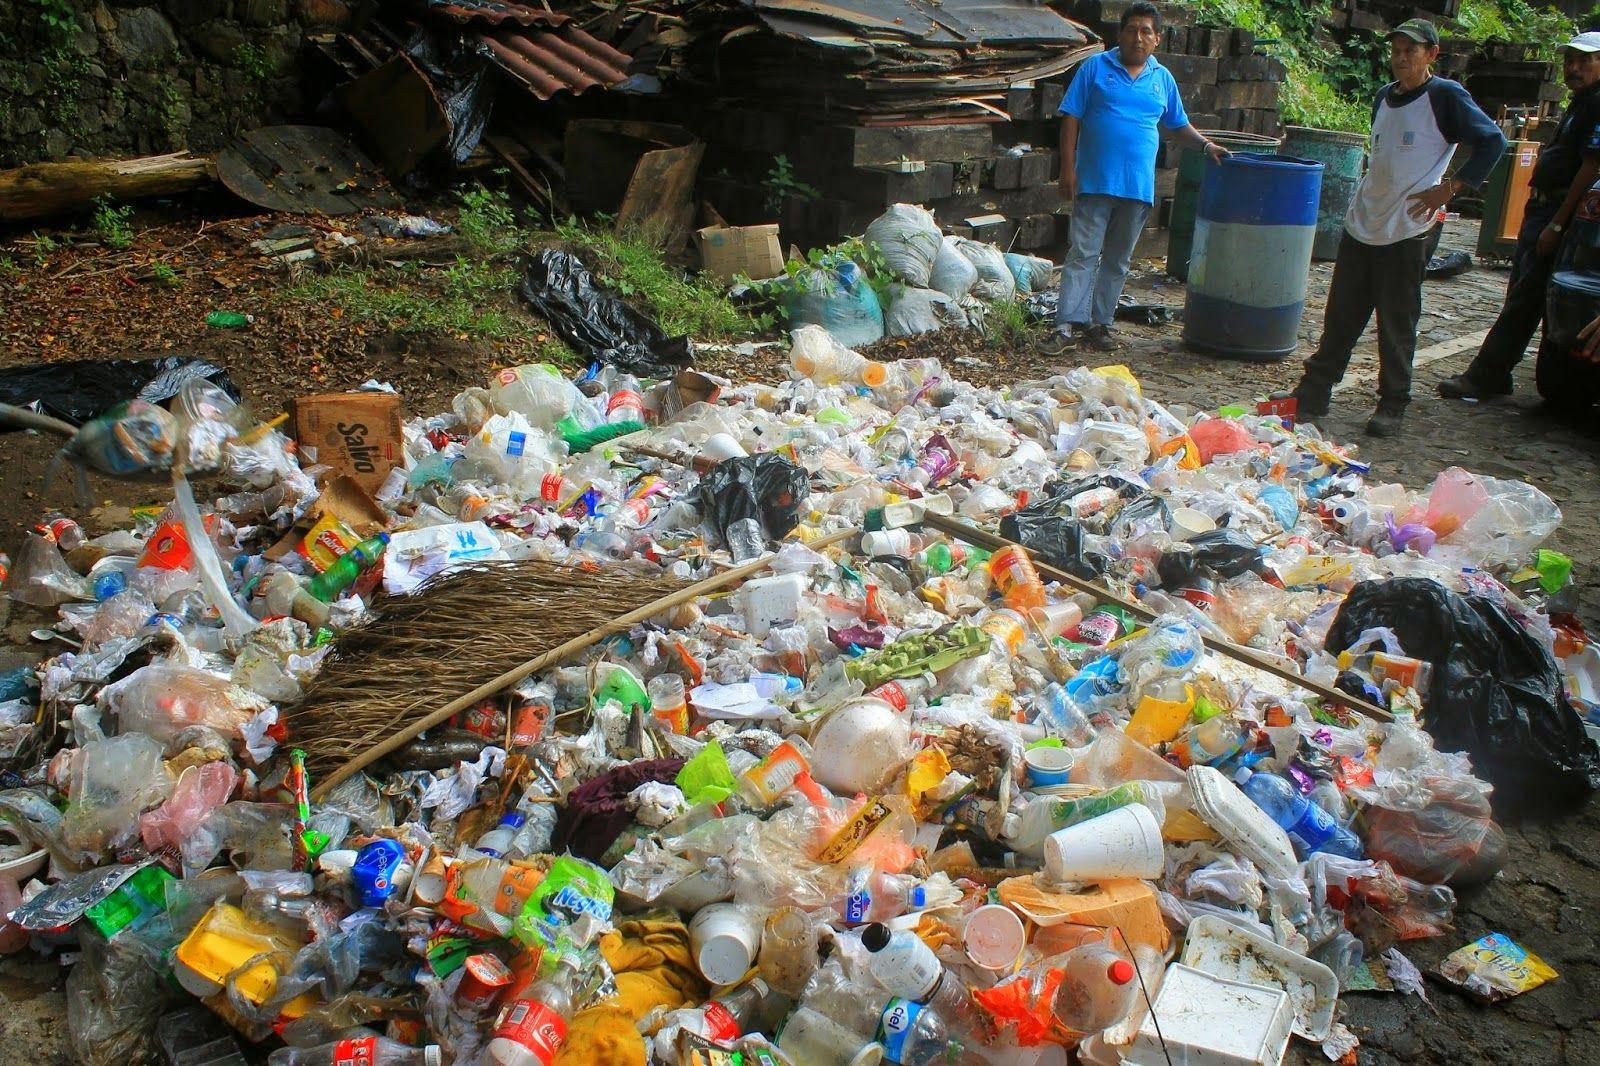 La Contaminación Ambiental: Causas De La Contaminación